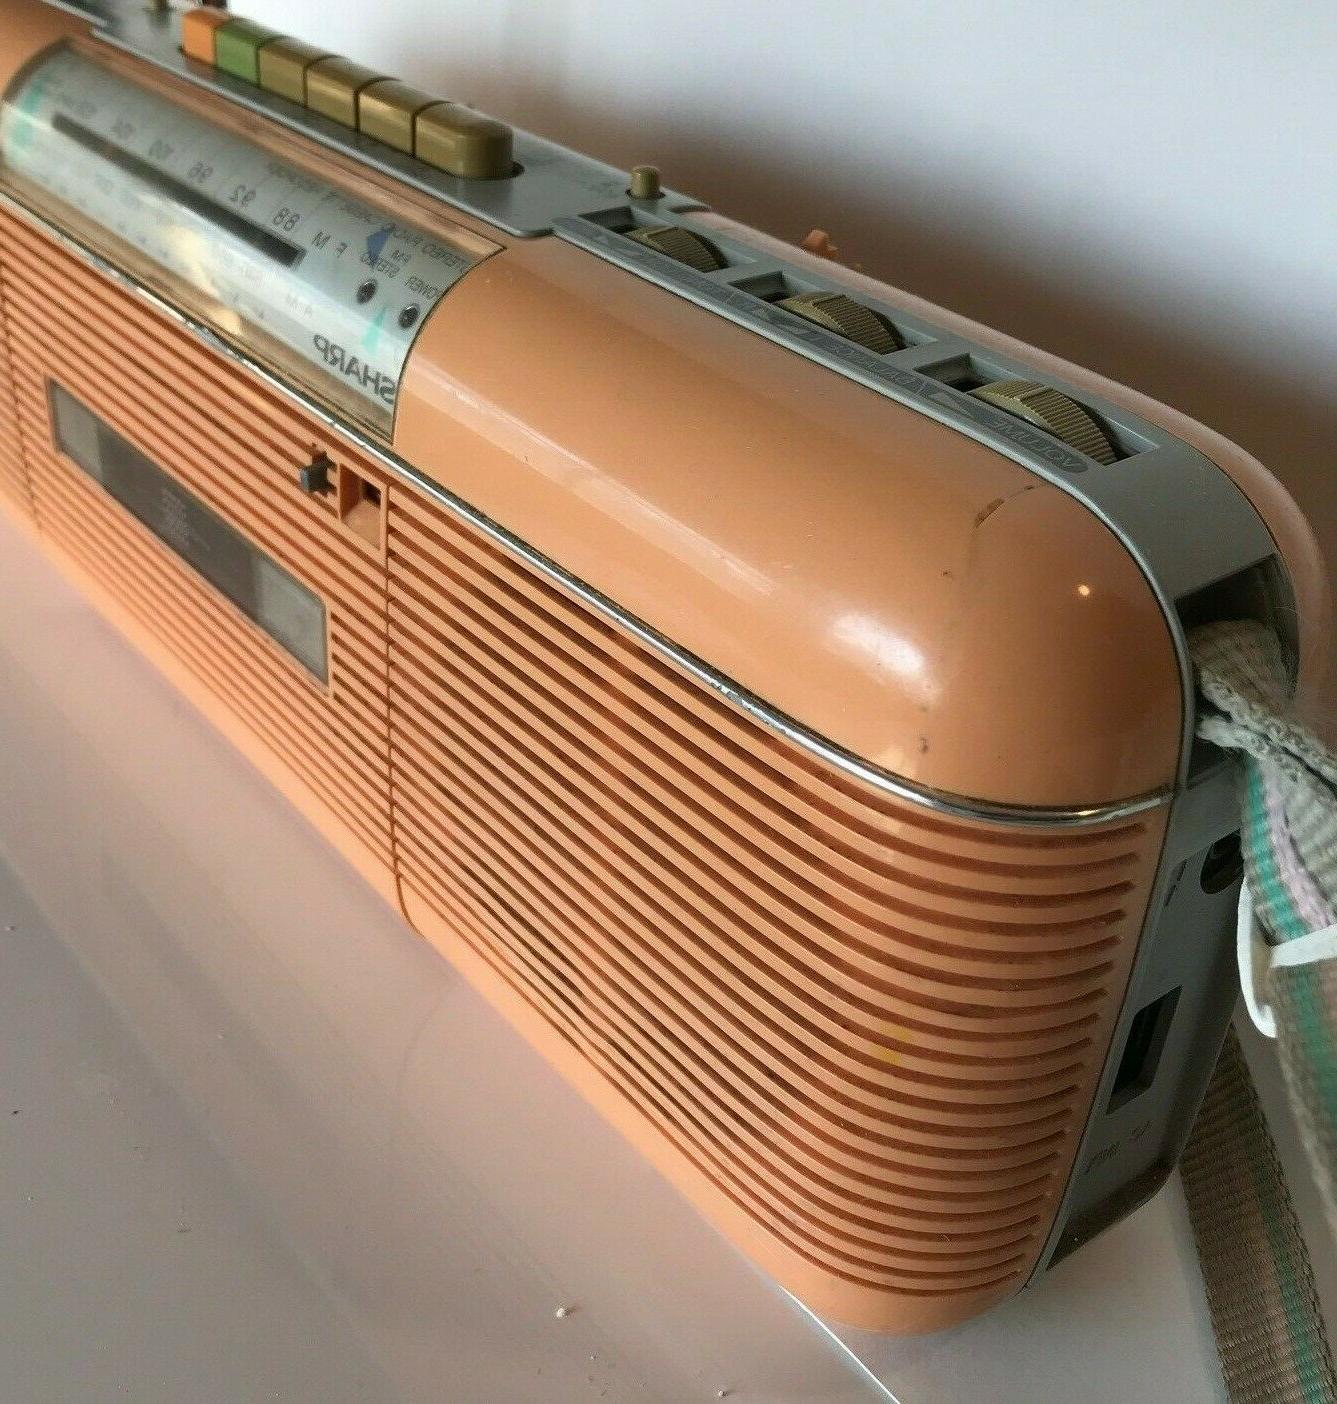 Sharp QT-50 P Stereo Radio Stranger / Peach